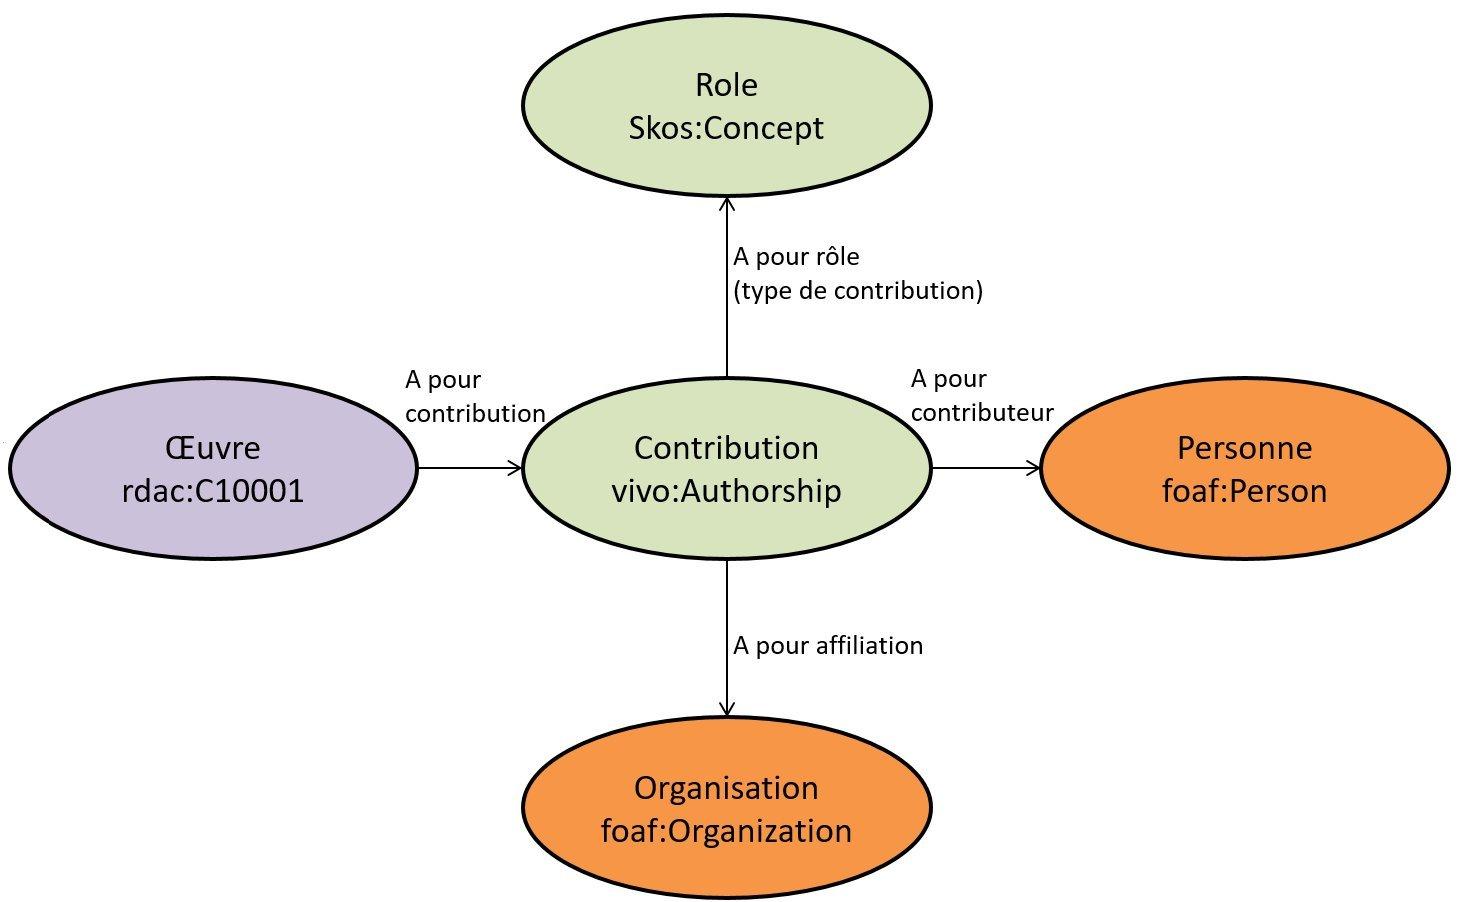 Modélisation des contributions (avec leur rôle et affiliation) au niveau Œuvre